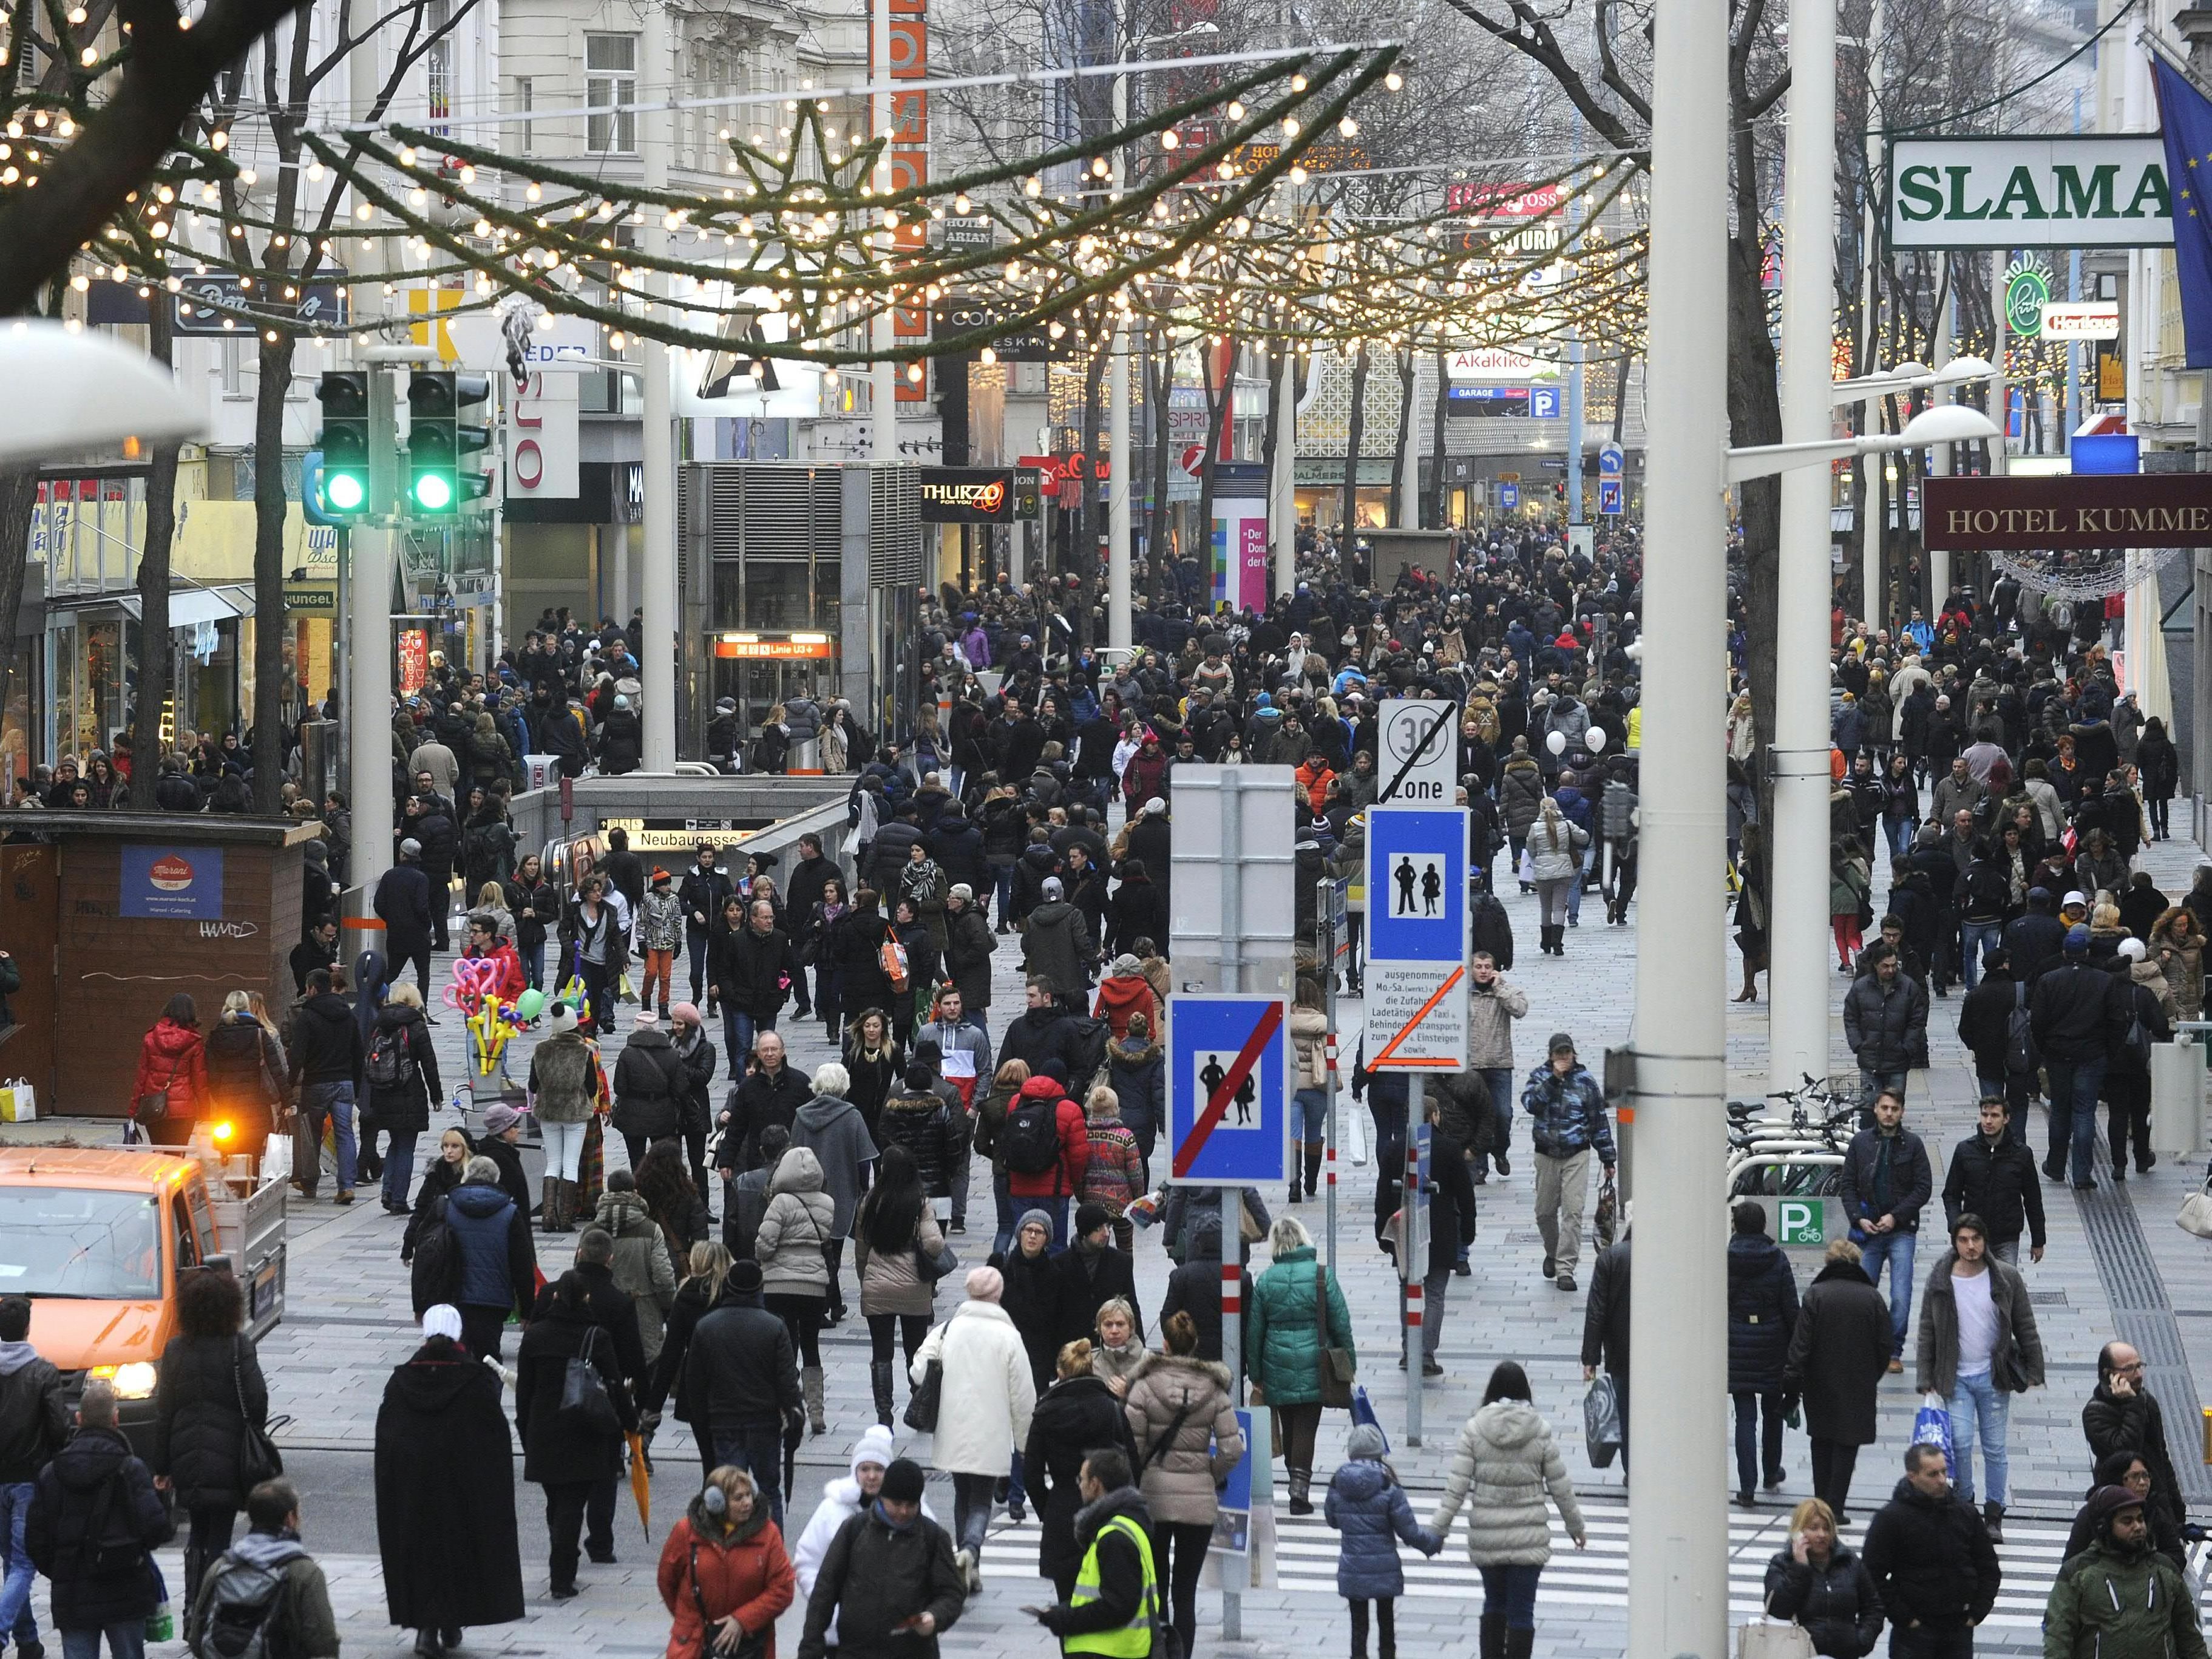 Vor allem auf der Mariahilfer Straße waren am Samstag die Menschenmassen unterwegs.